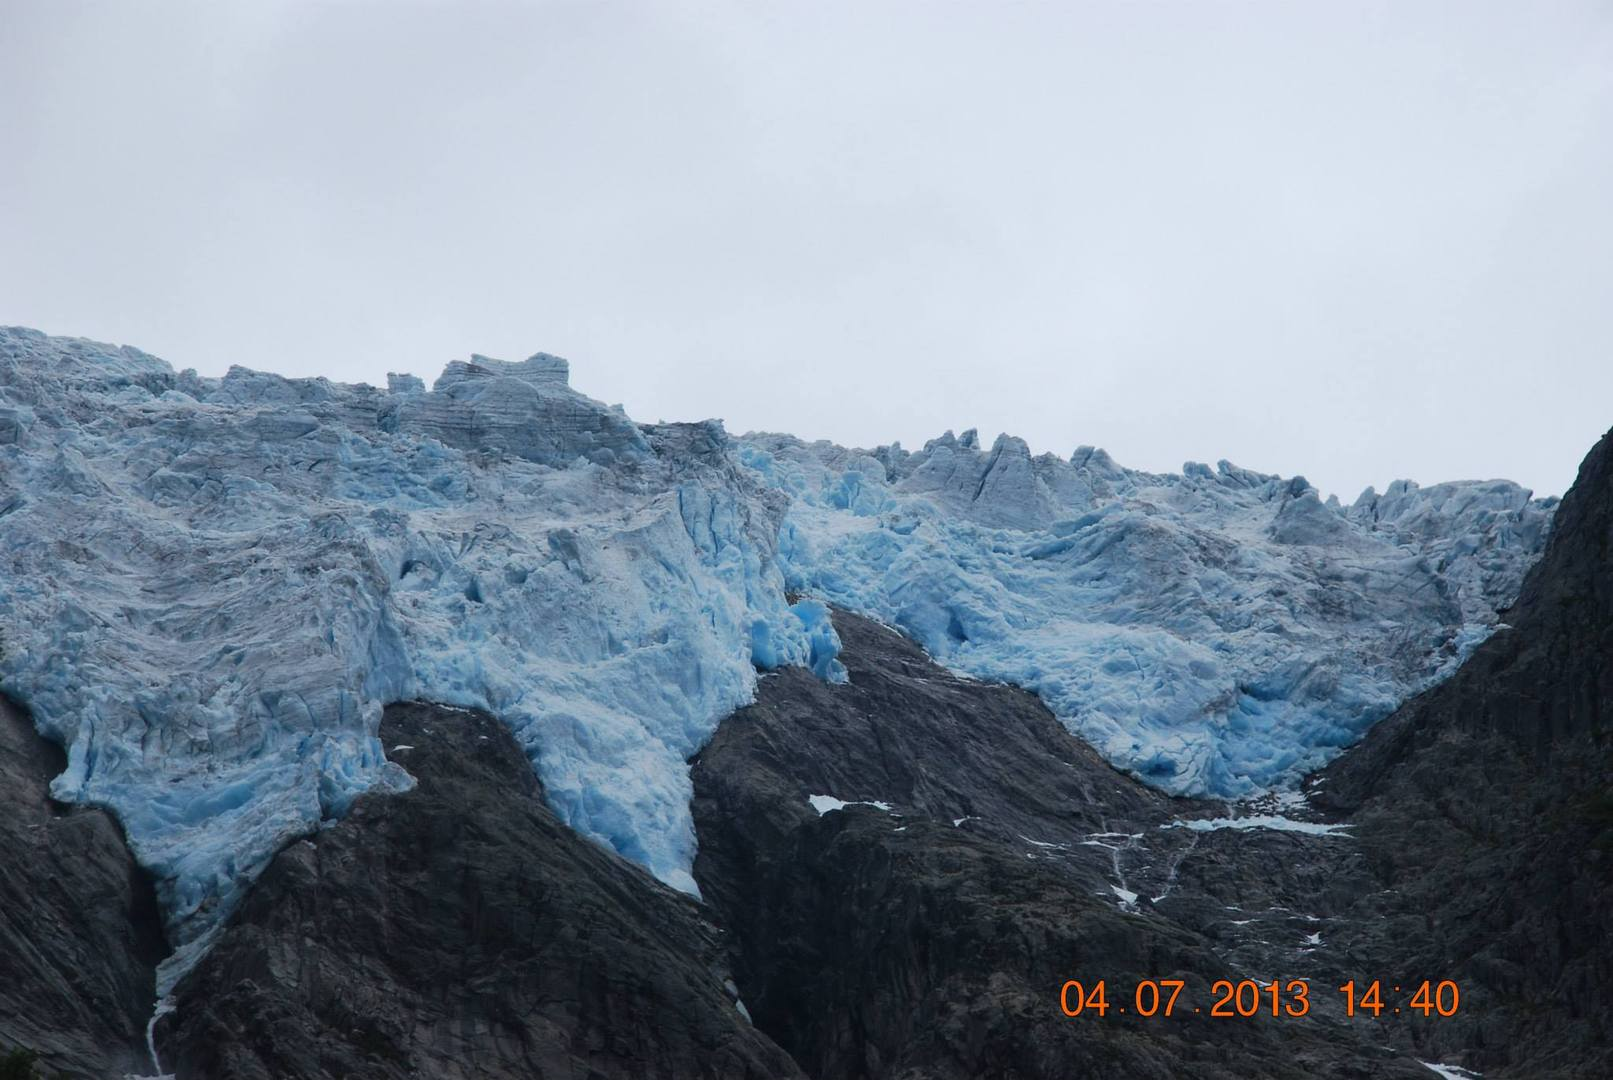 קרחון Supphellebreen מעלינו